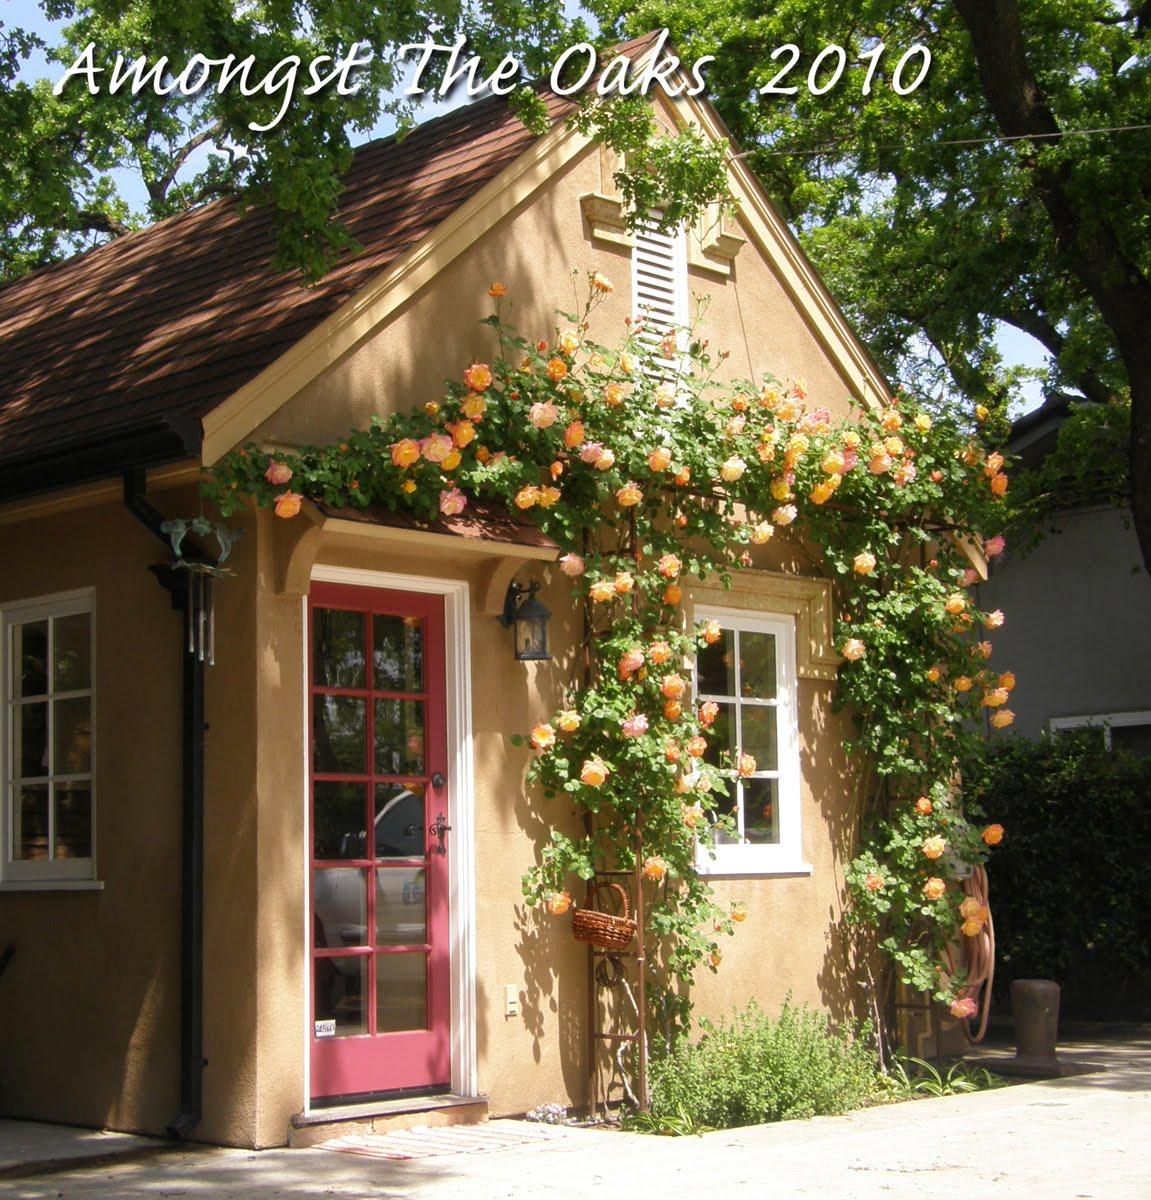 Kitchen Window From Outside: Amongst The Oaks: Outside My Kitchen Window